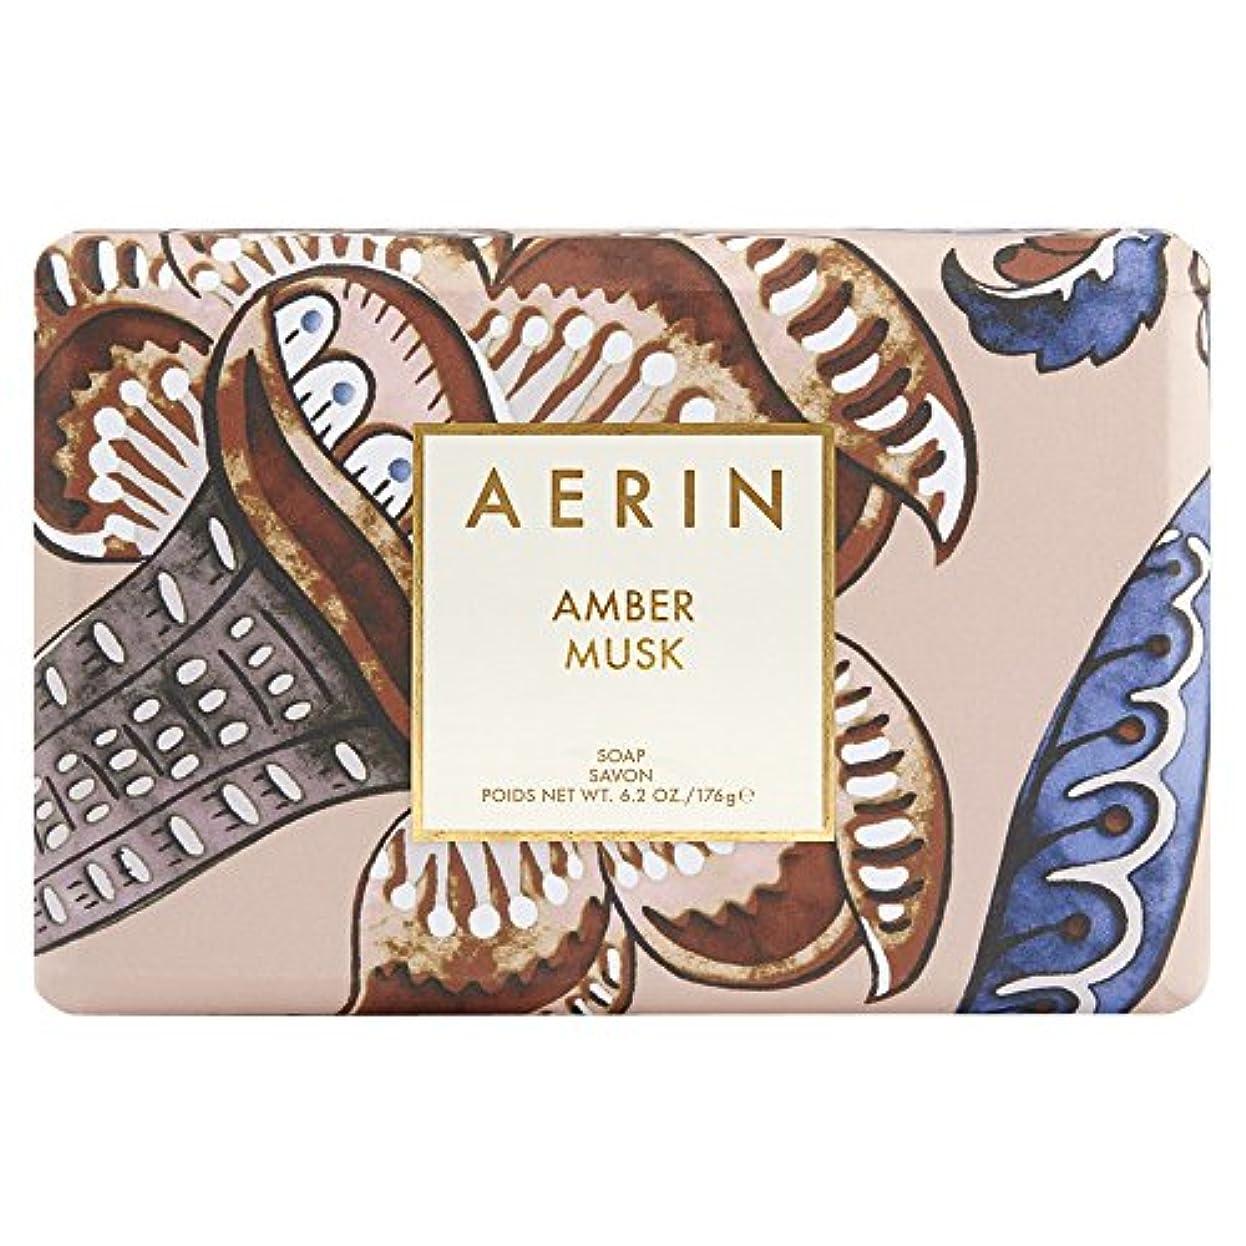 アーサー撃退する気晴らしAerinアンバームスクソープ176グラム (AERIN) (x2) - AERIN Amber Musk Soap 176g (Pack of 2) [並行輸入品]